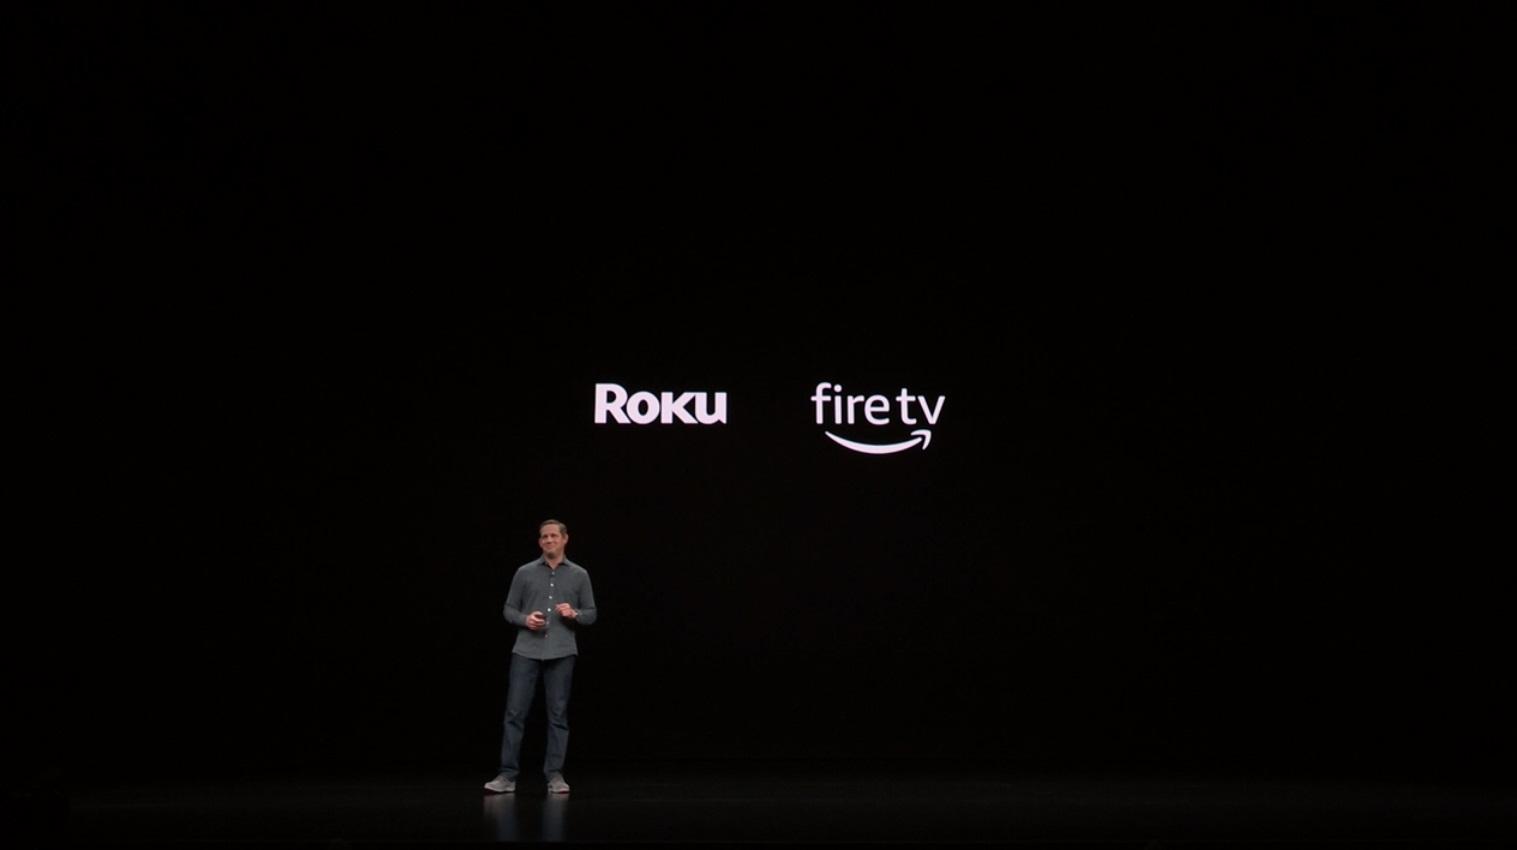 Apple TV Channels y Apple TV+: integración de servicios y contenidos exclusivos 43